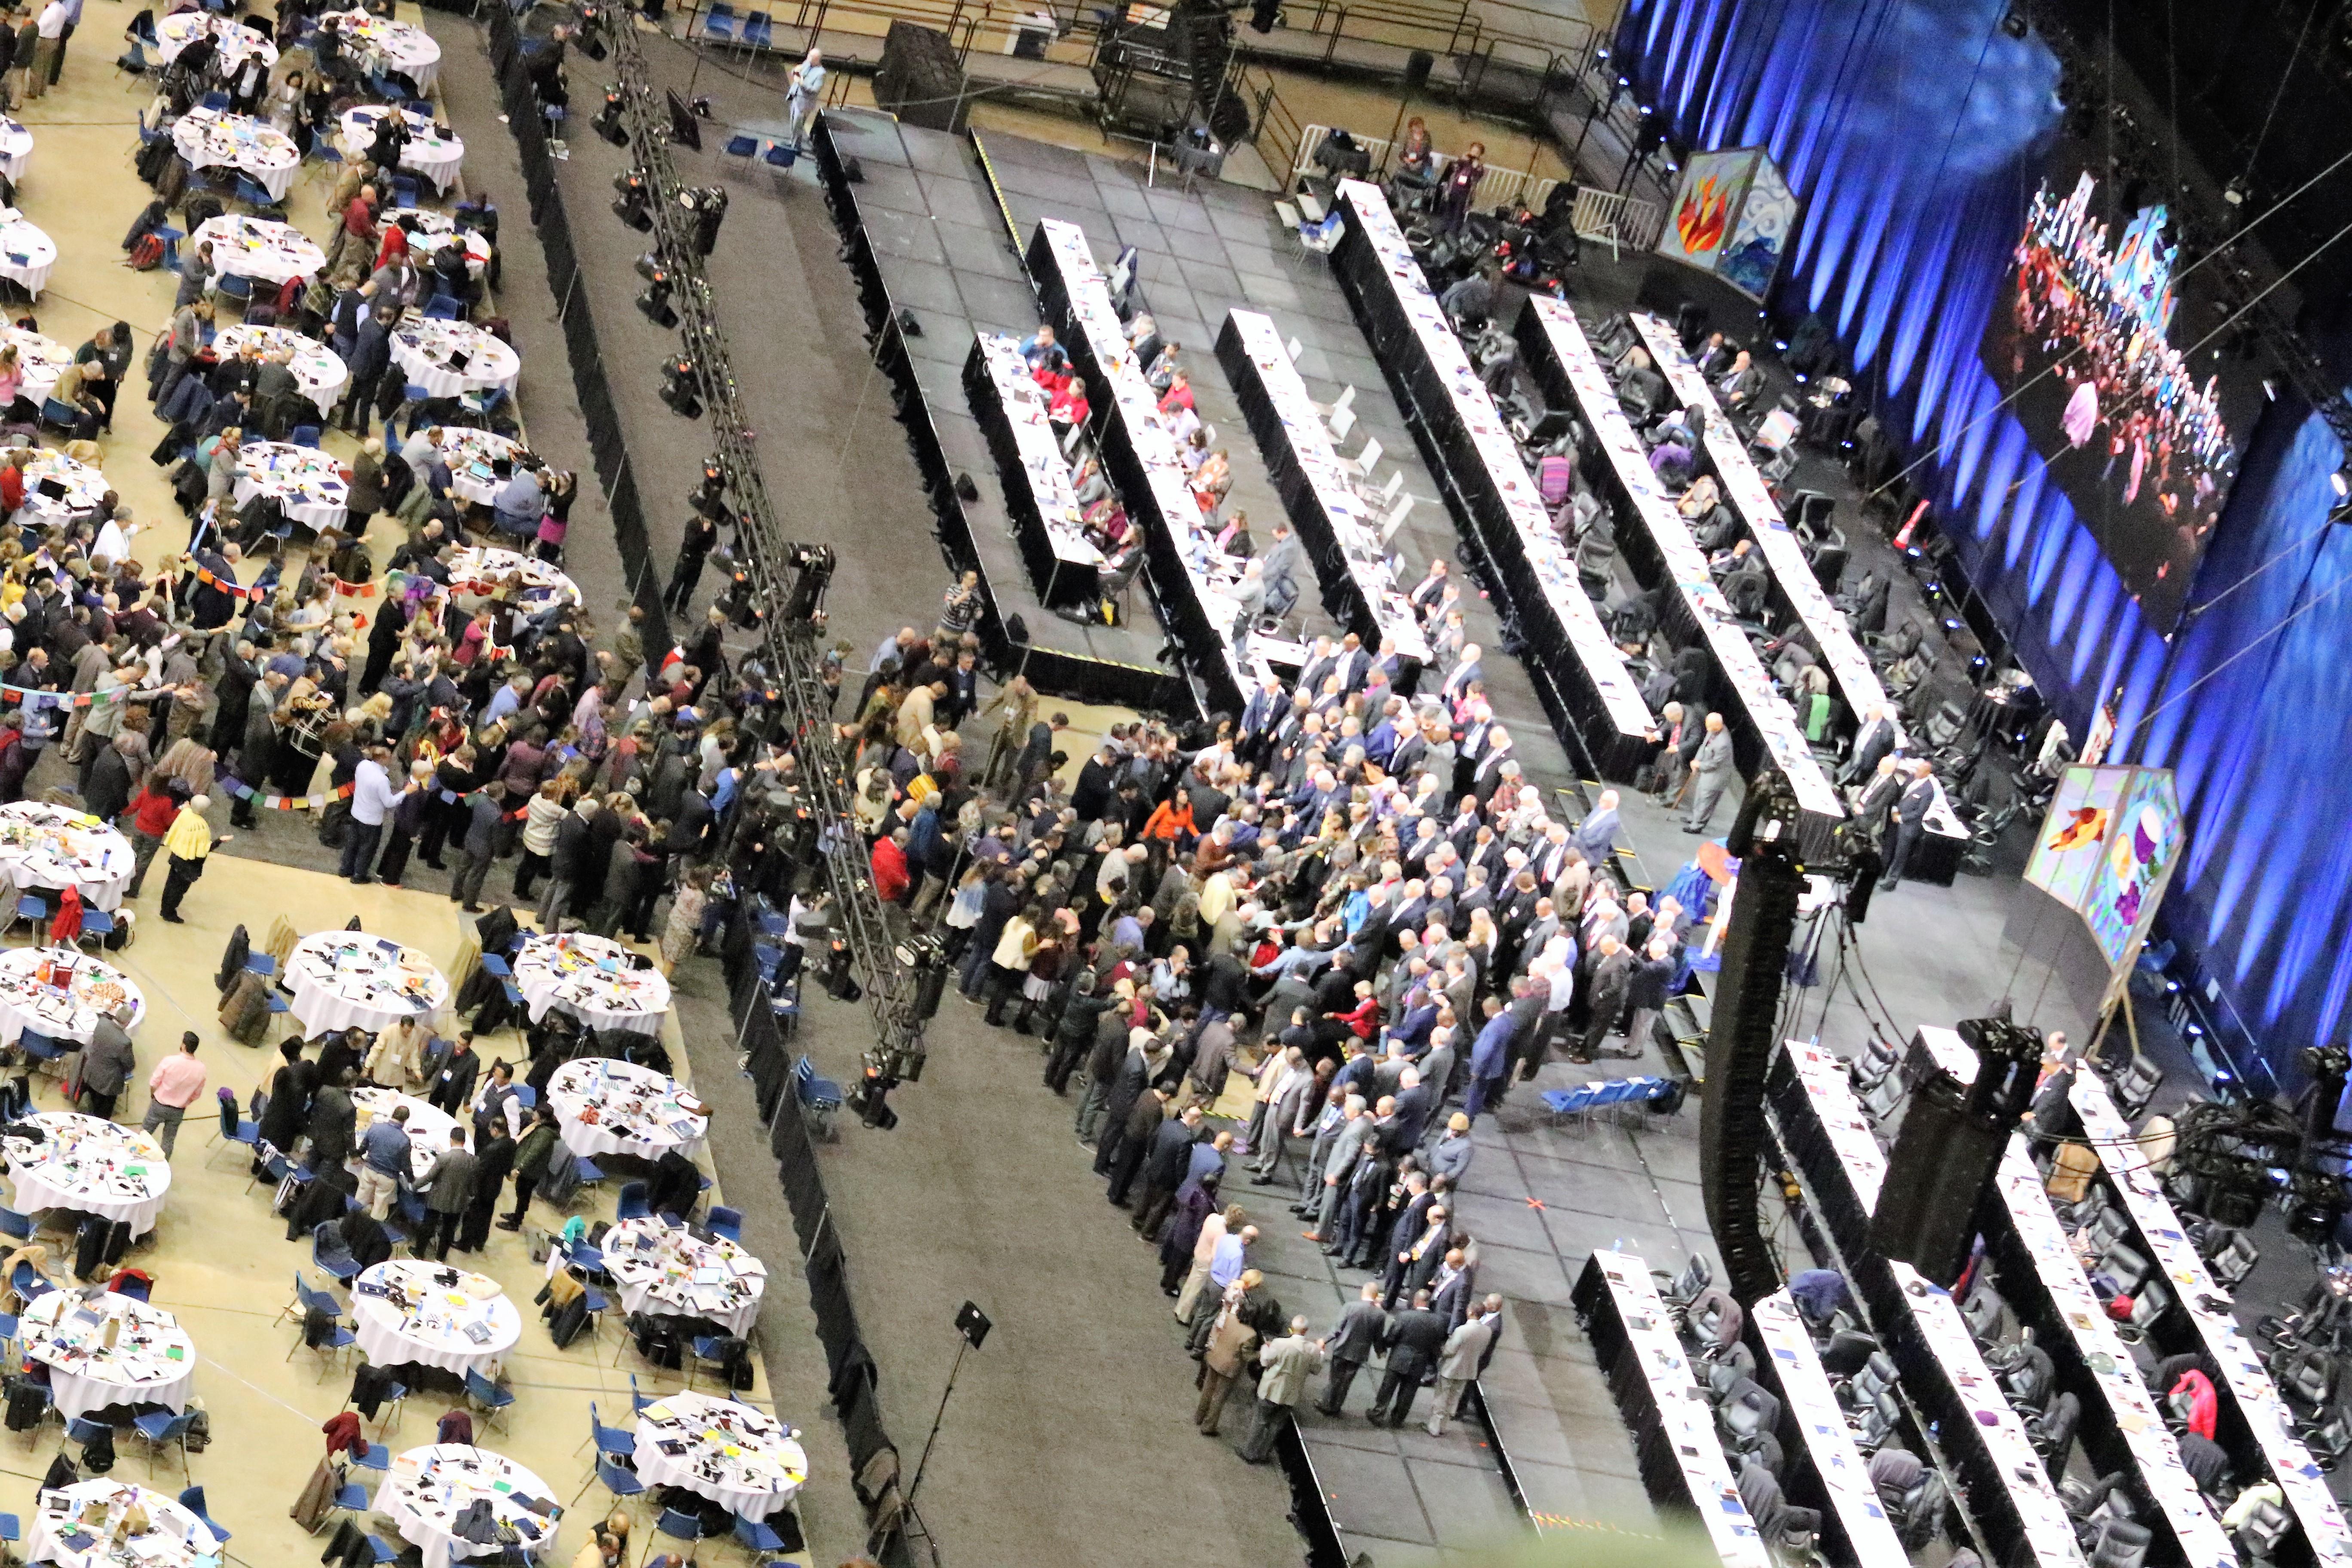 주요투표를 앞두고 총회에 참석한 대의원들과 감독들이 손을 잡고 함께 기도하고 있다. 사진 김응선 목사, UMNS